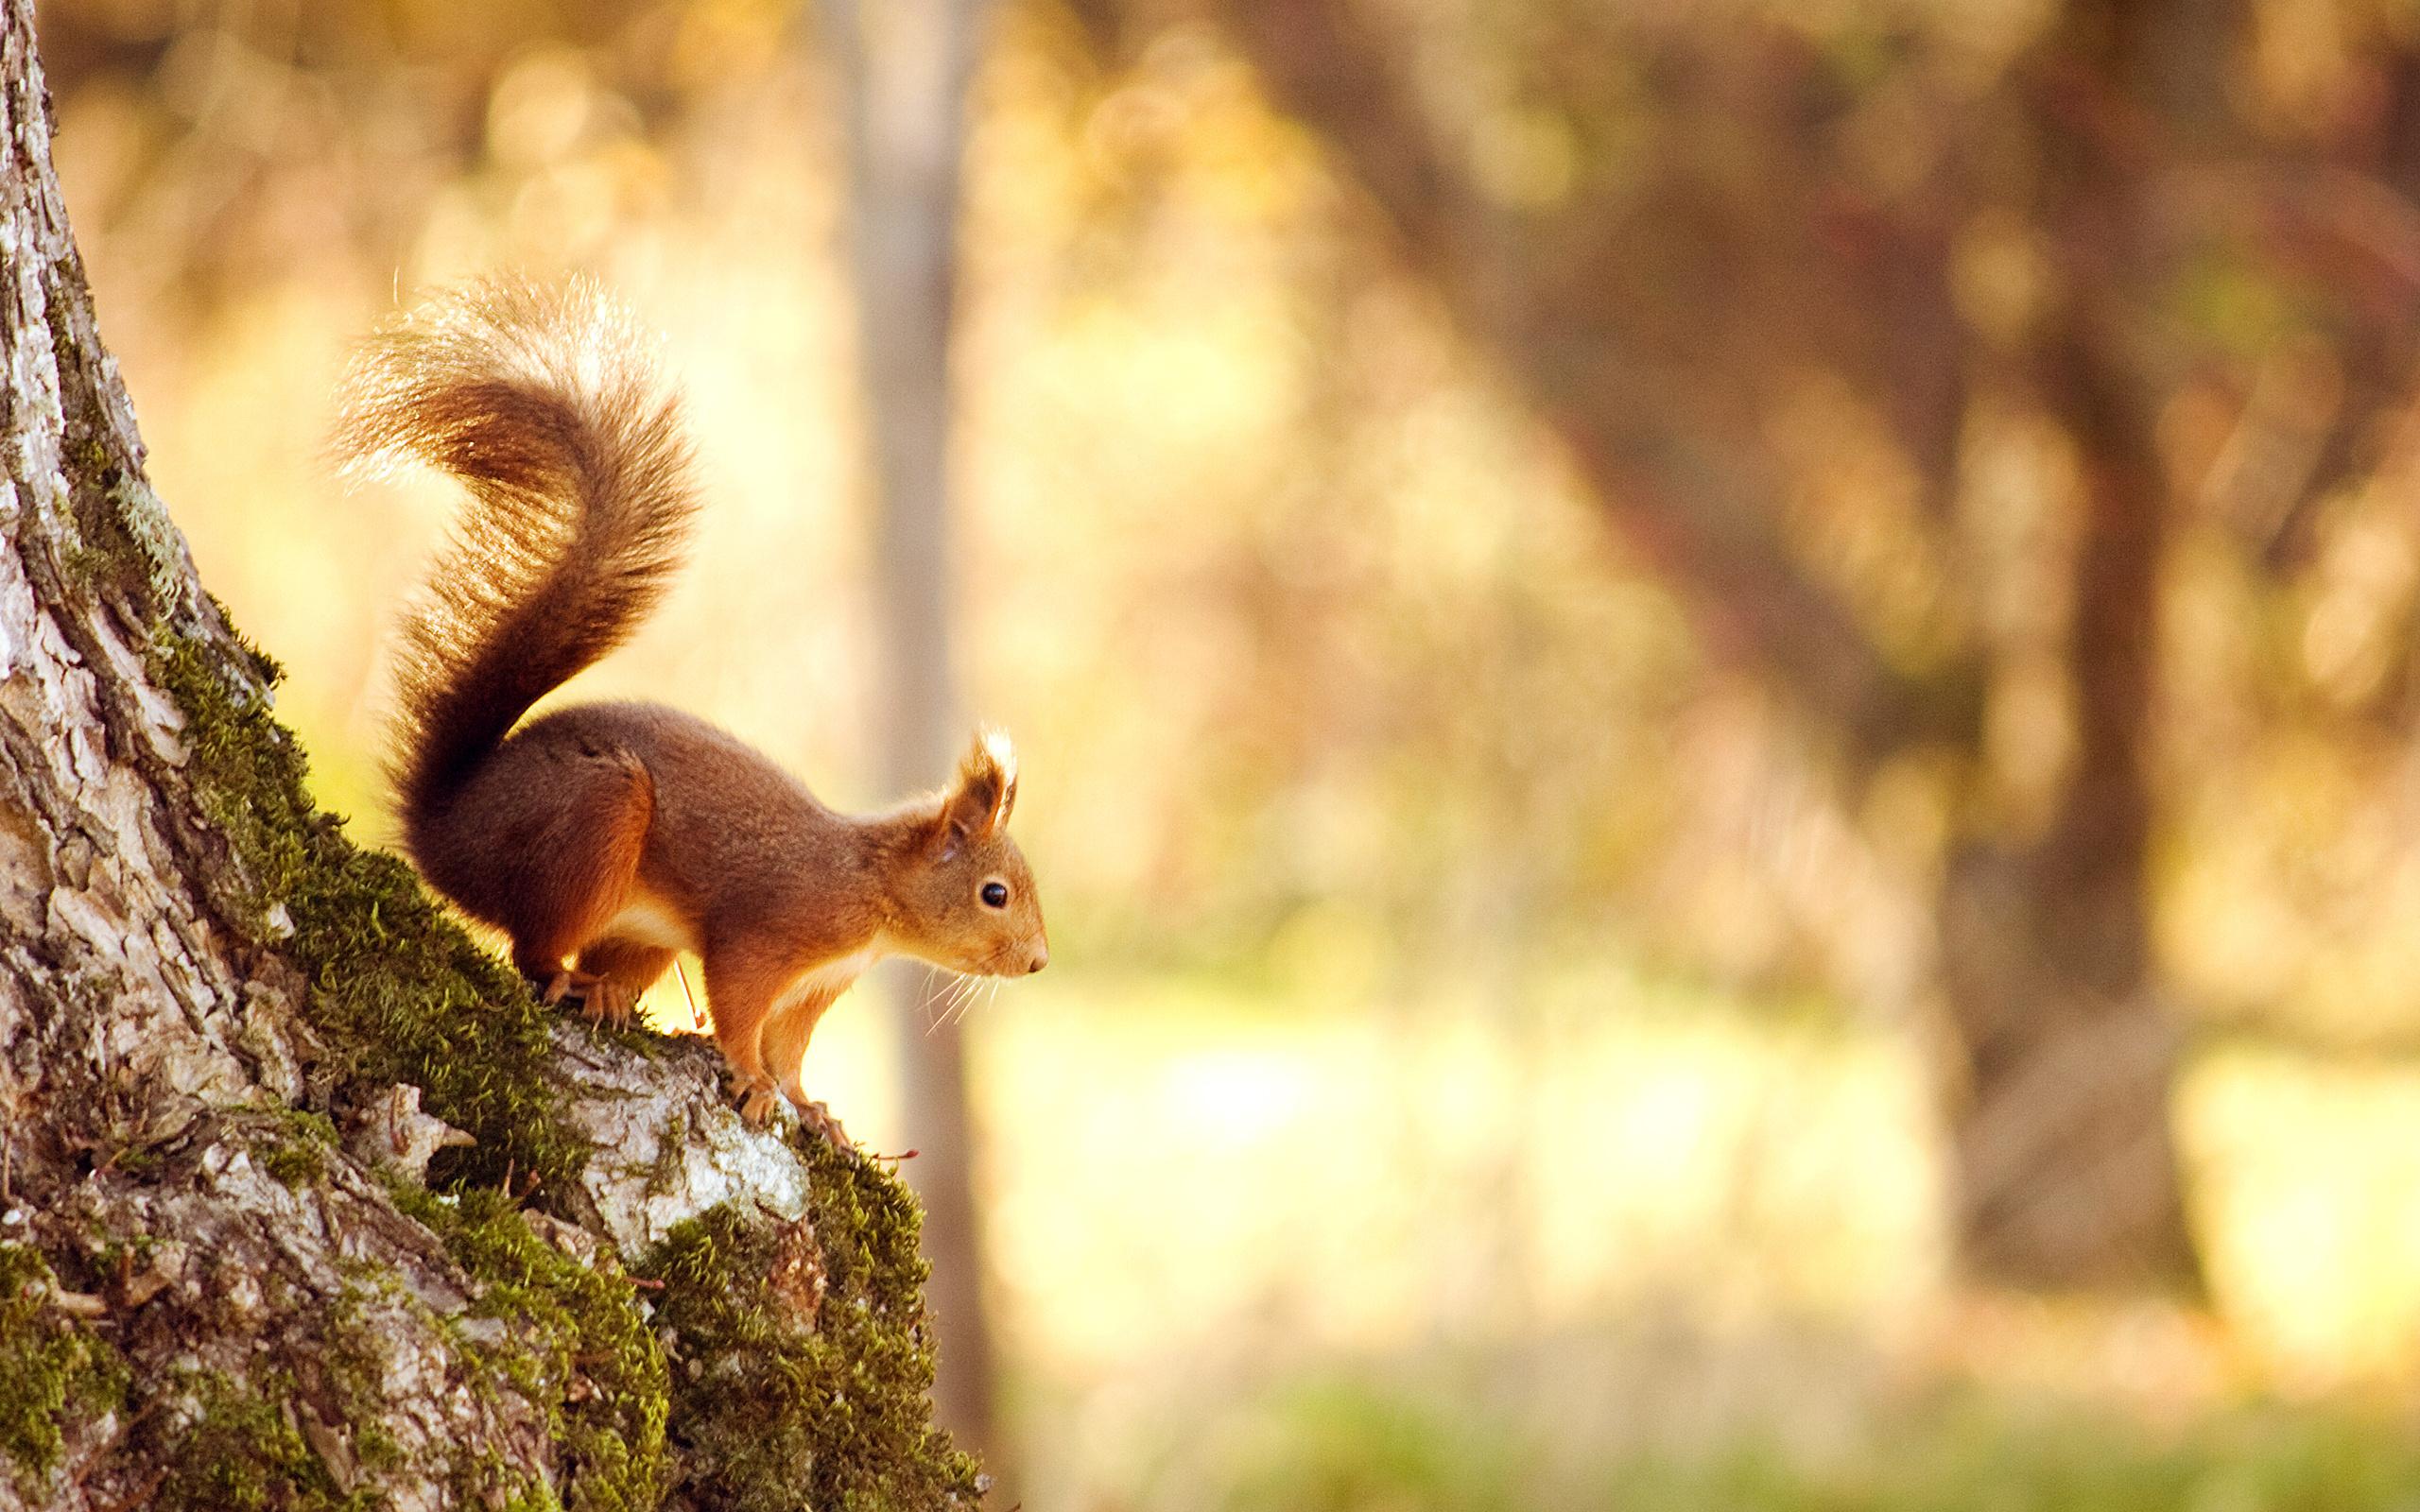 Картинки красивые про природу с животными, тему спасибо